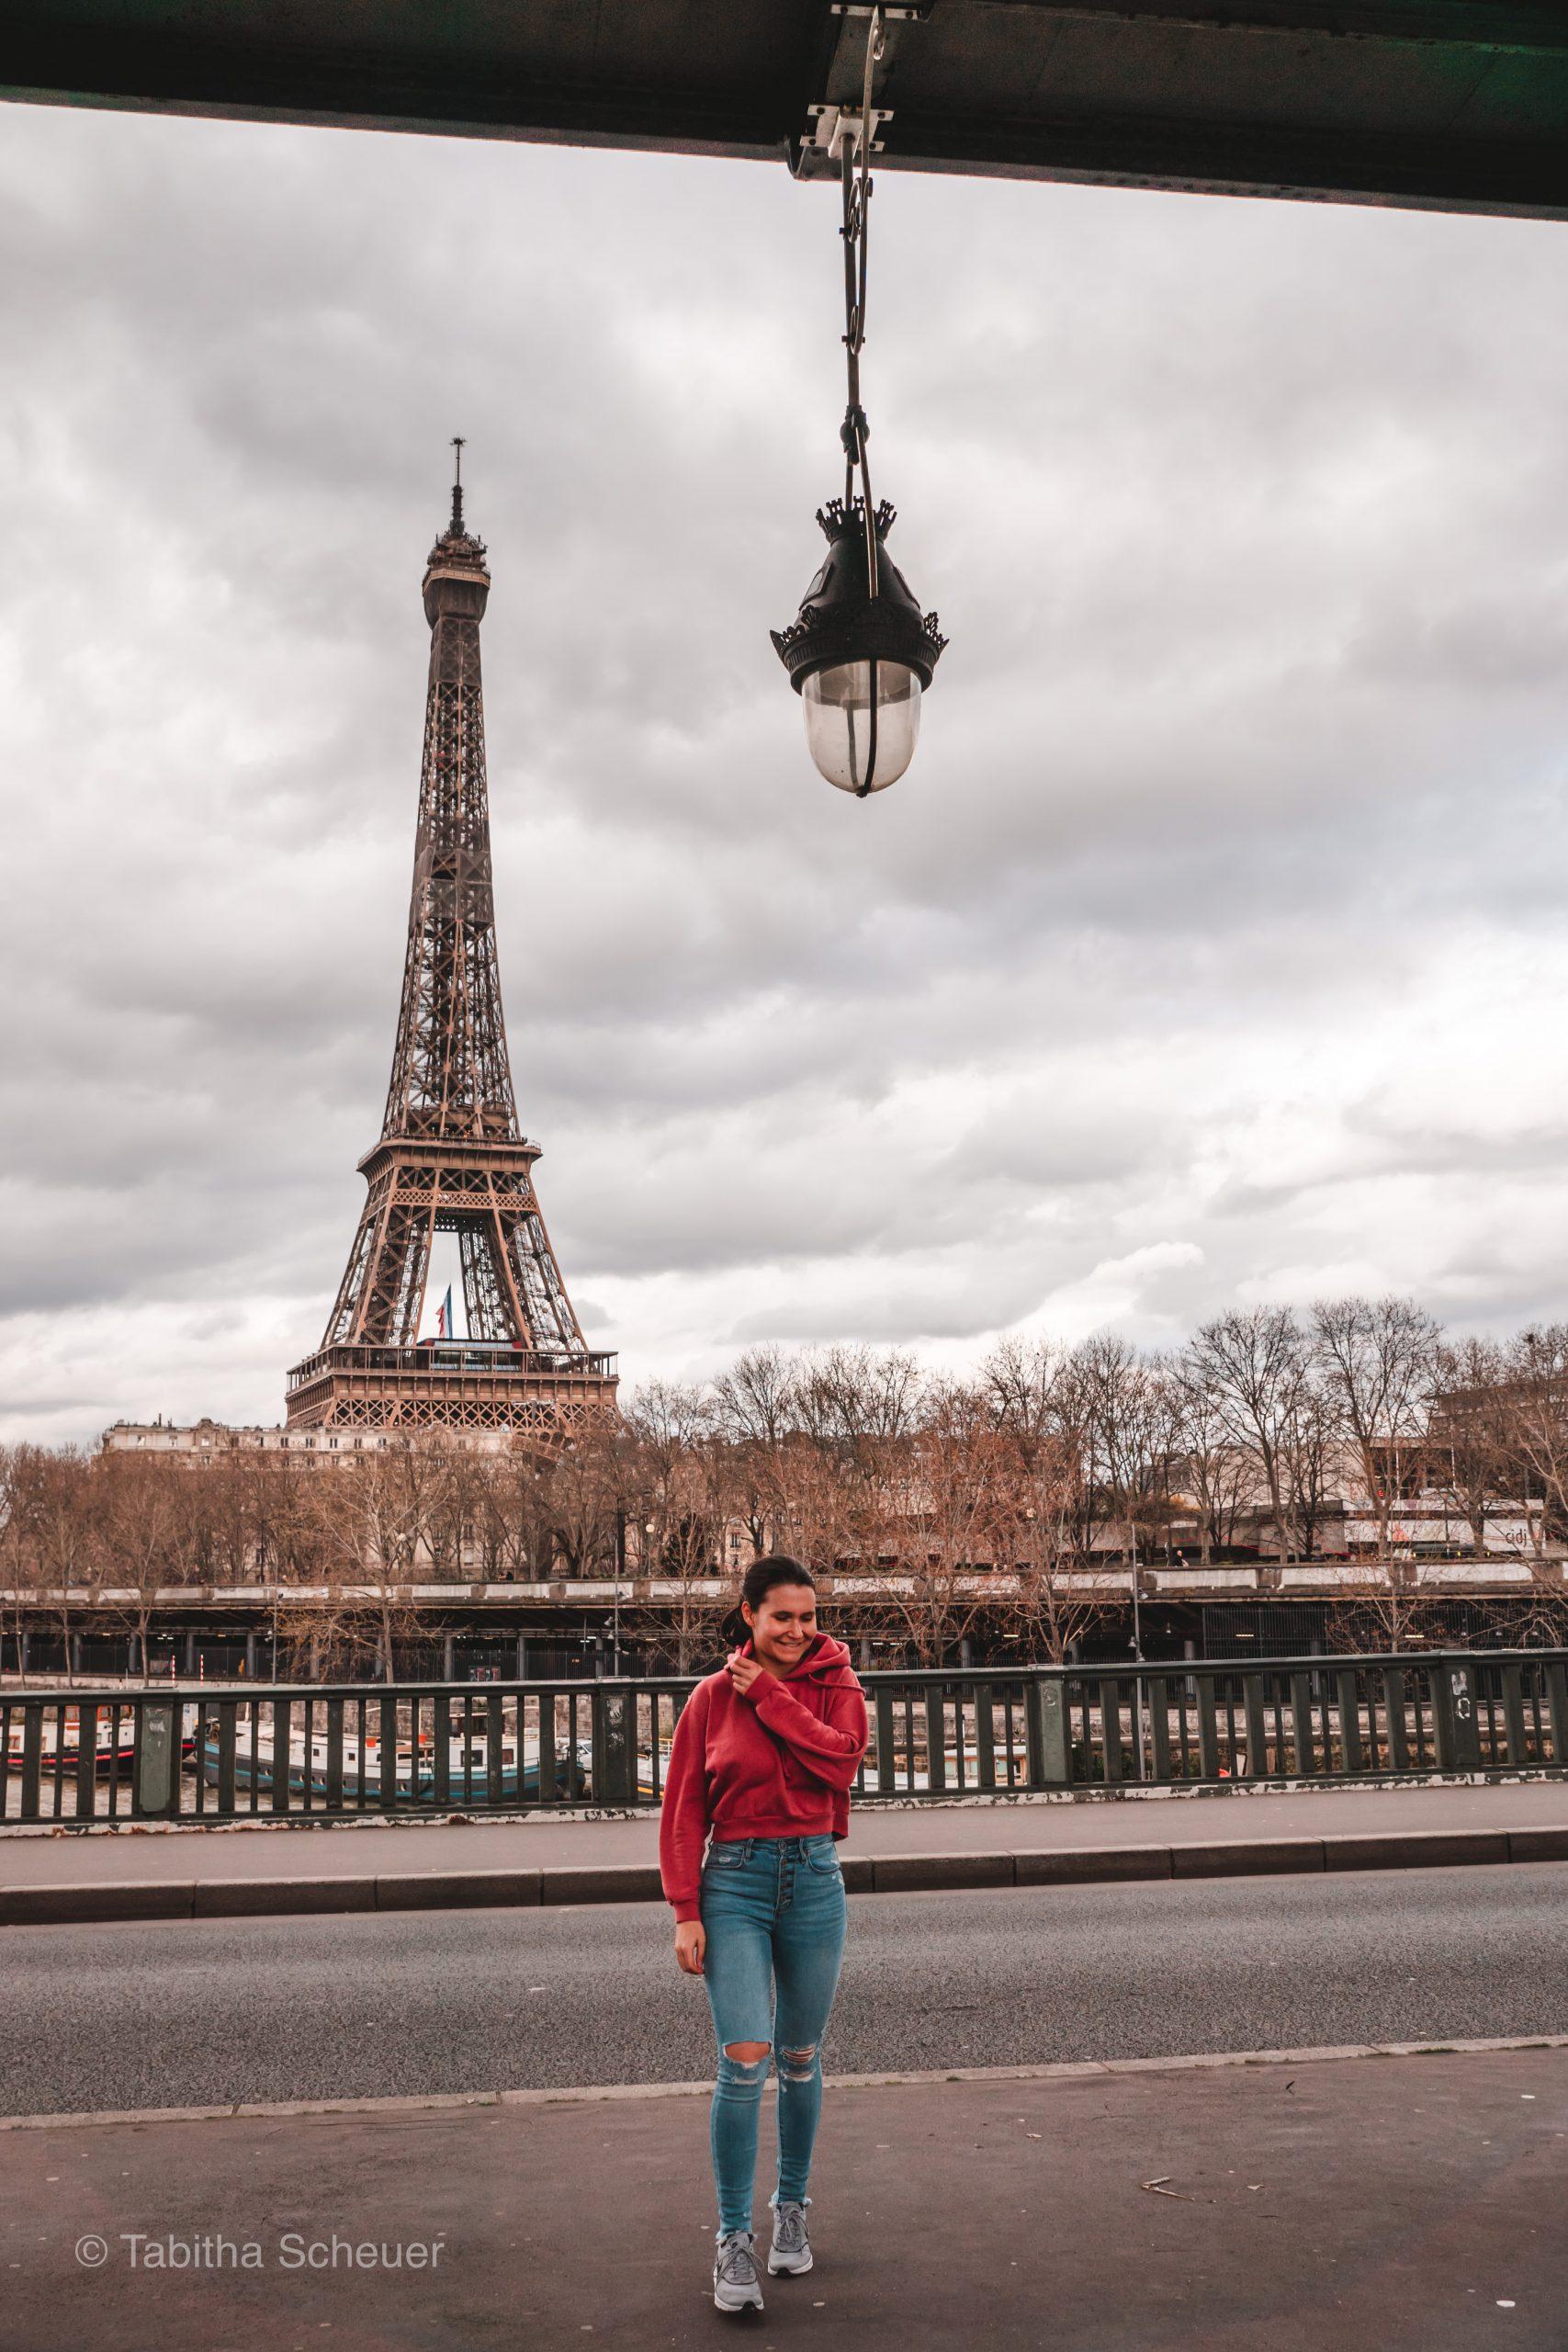 Pont de Bir-Hakeim |Secret Paris Photo Spots |Secret Spots to View the Eiffel Tower